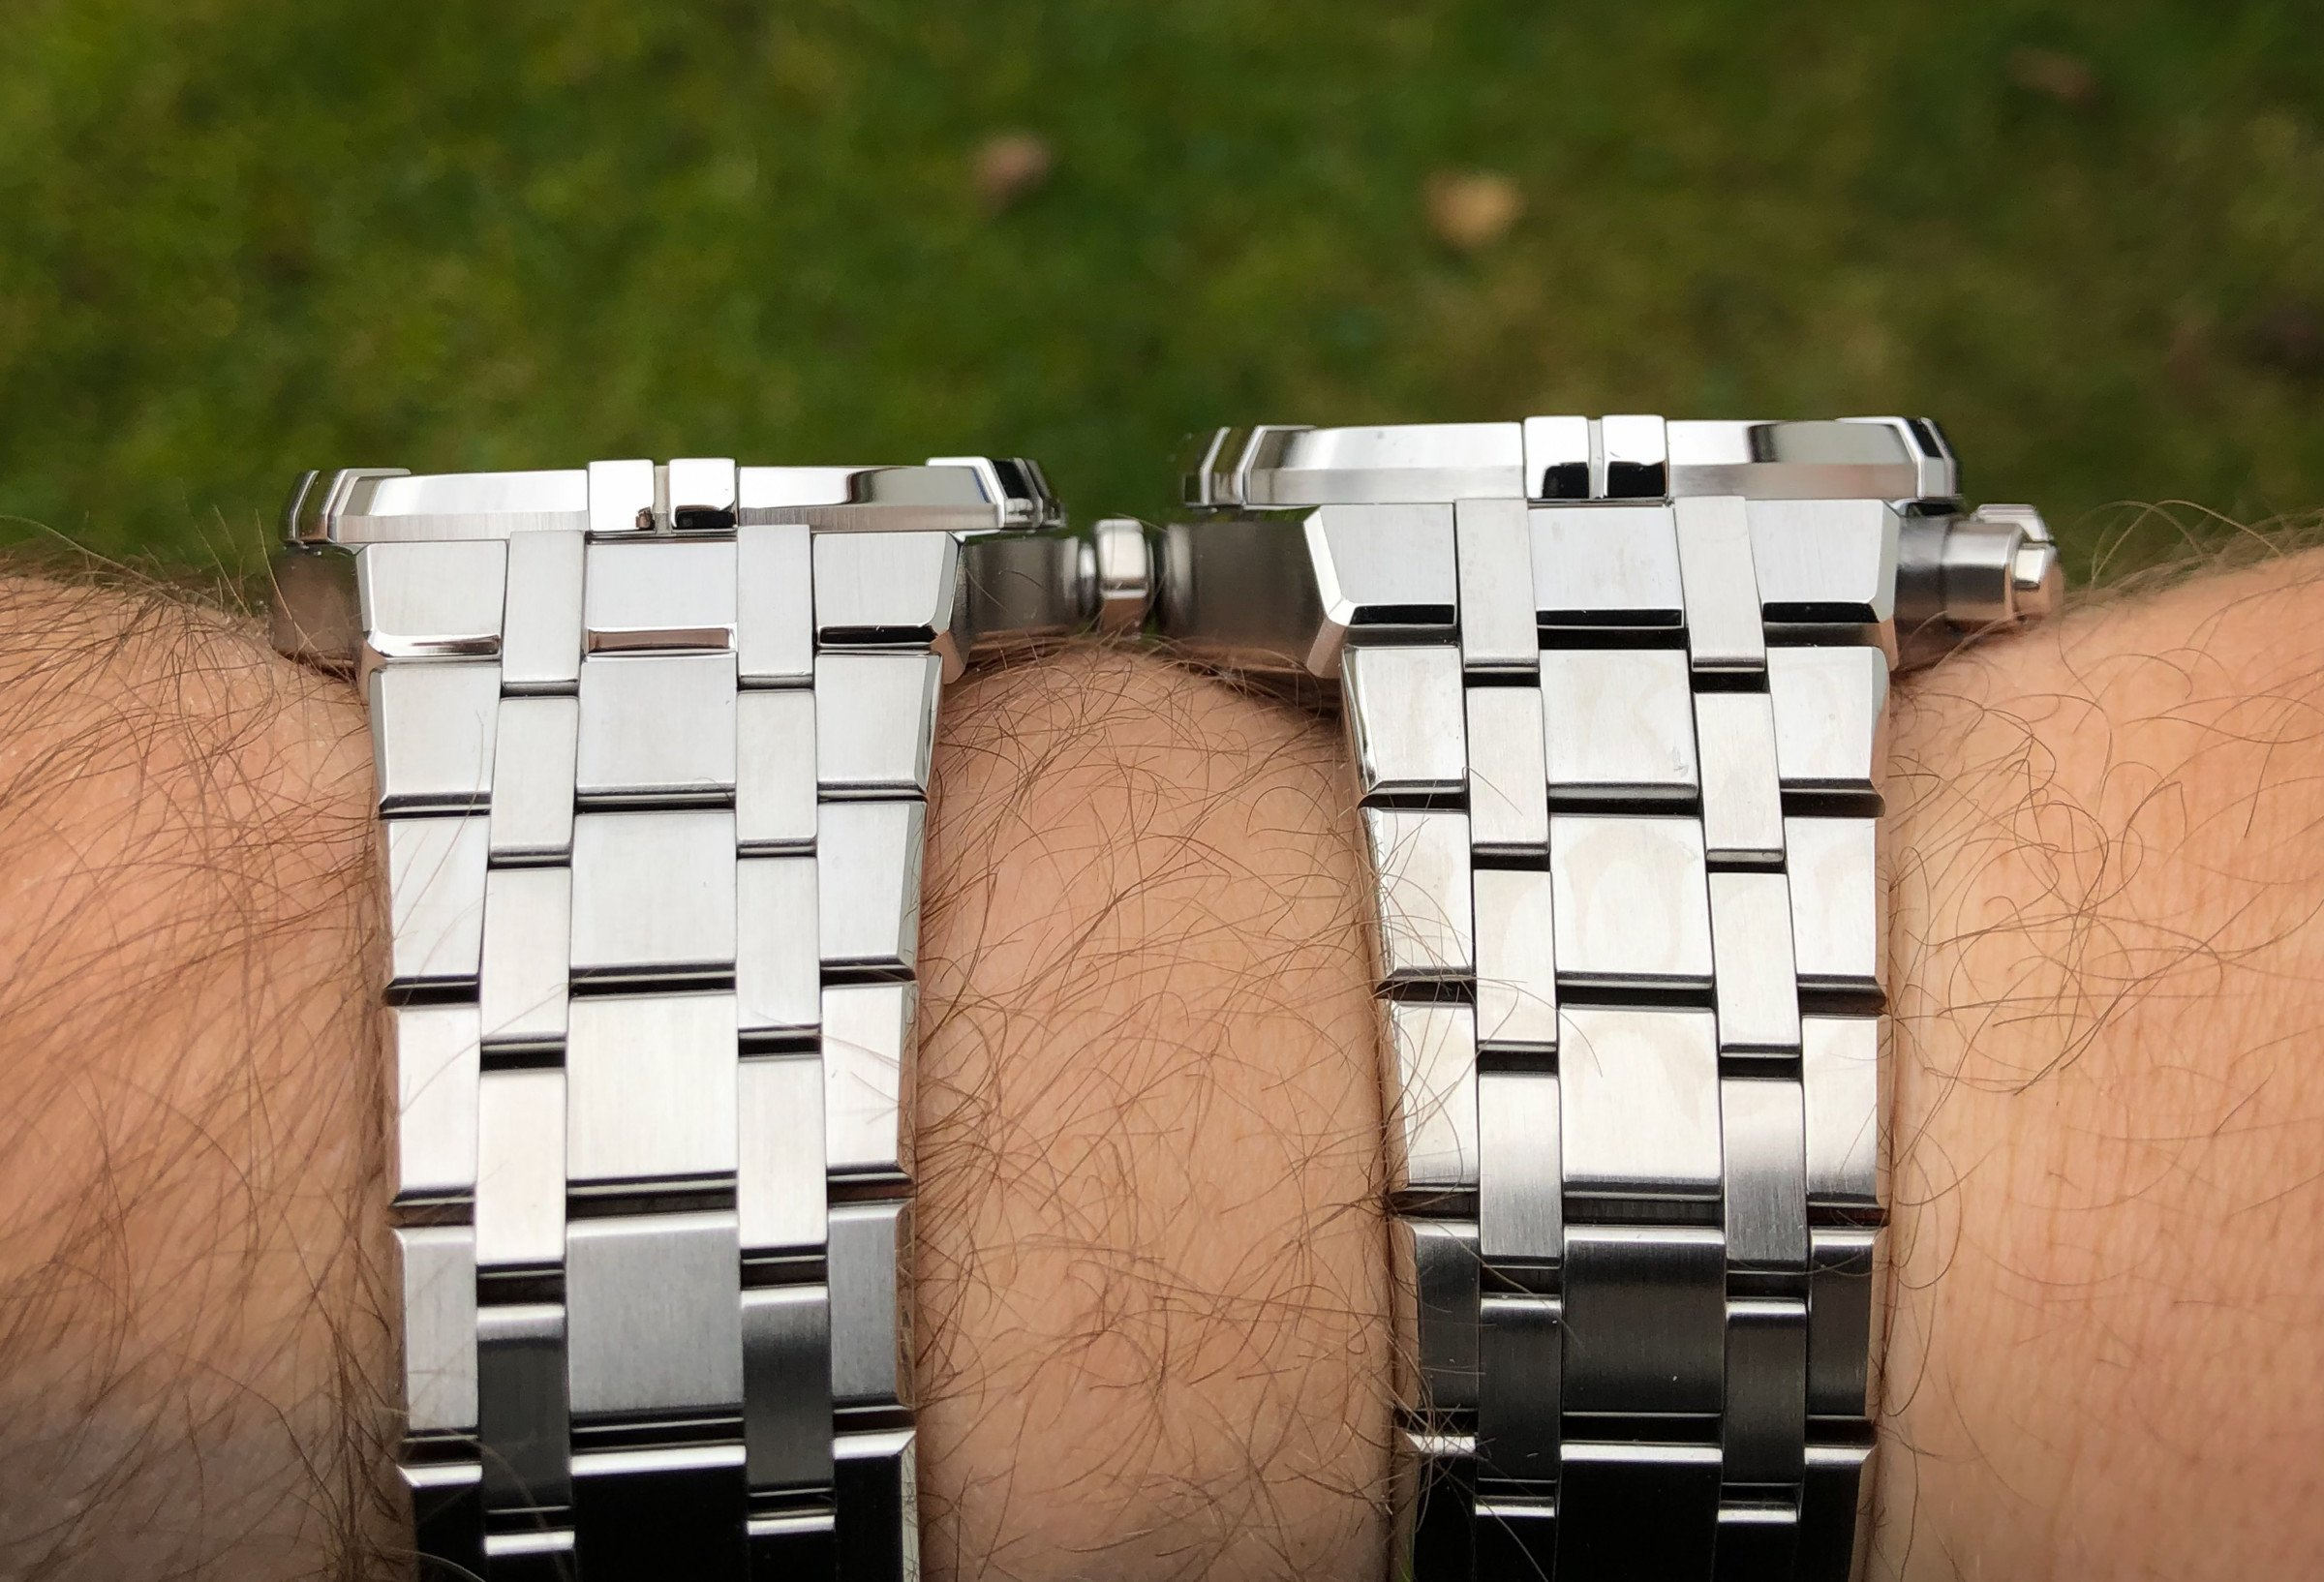 Maurice Lacroix Aikon Chronograph vs. Dreizeiger Erfahrungen